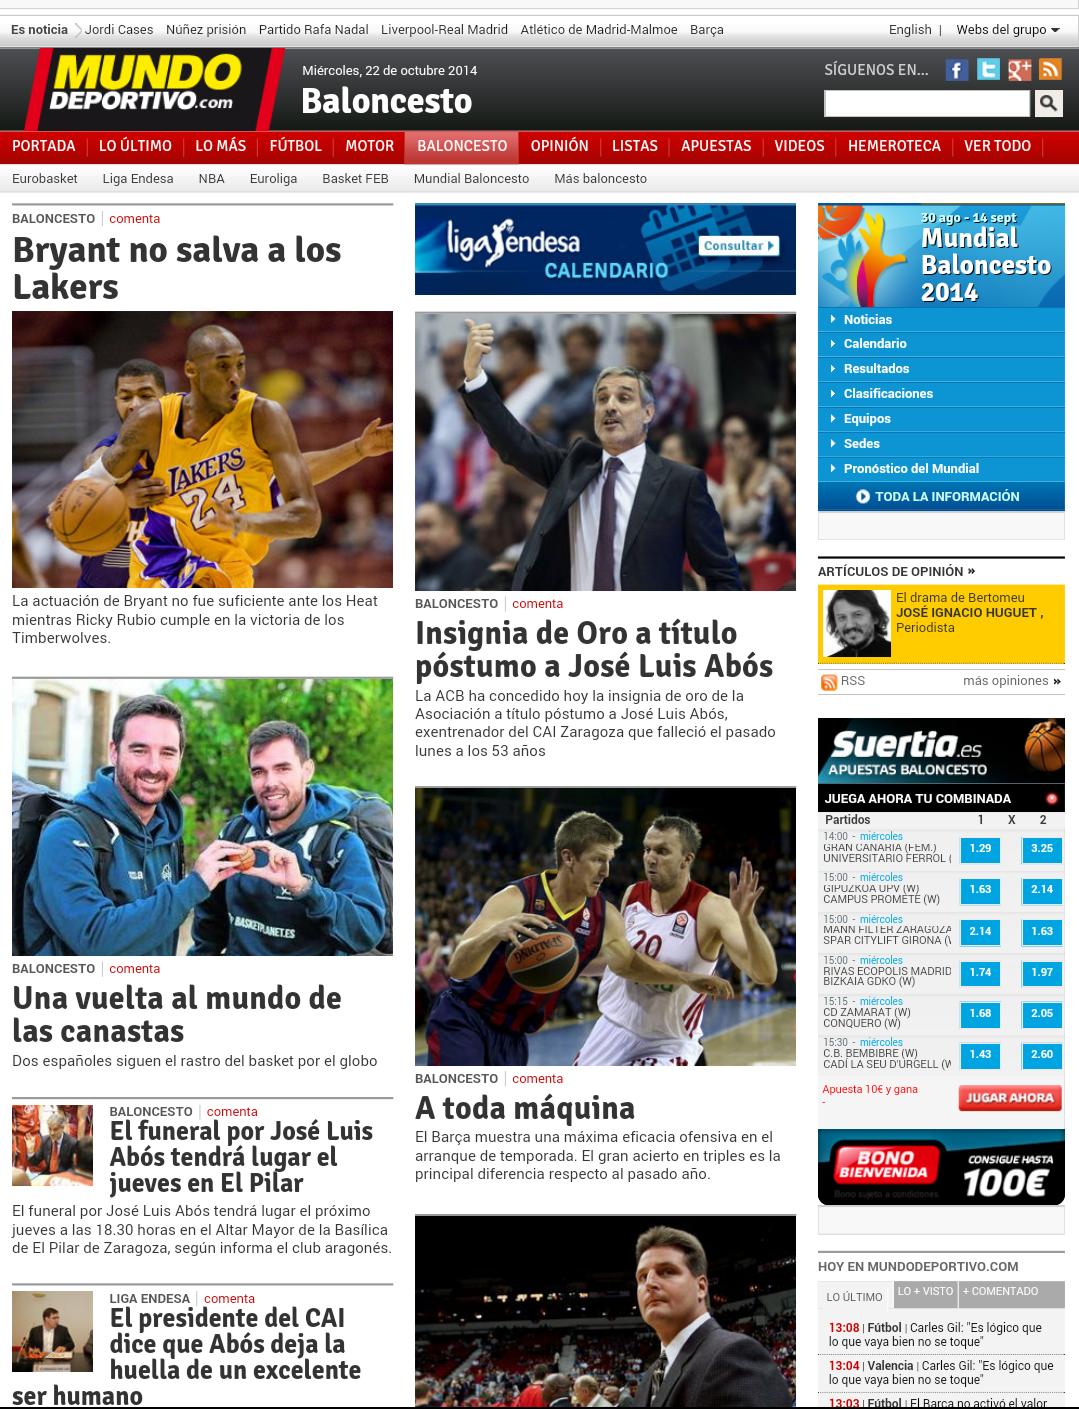 Captura del Artículo en la Web de Mundo Deportivo